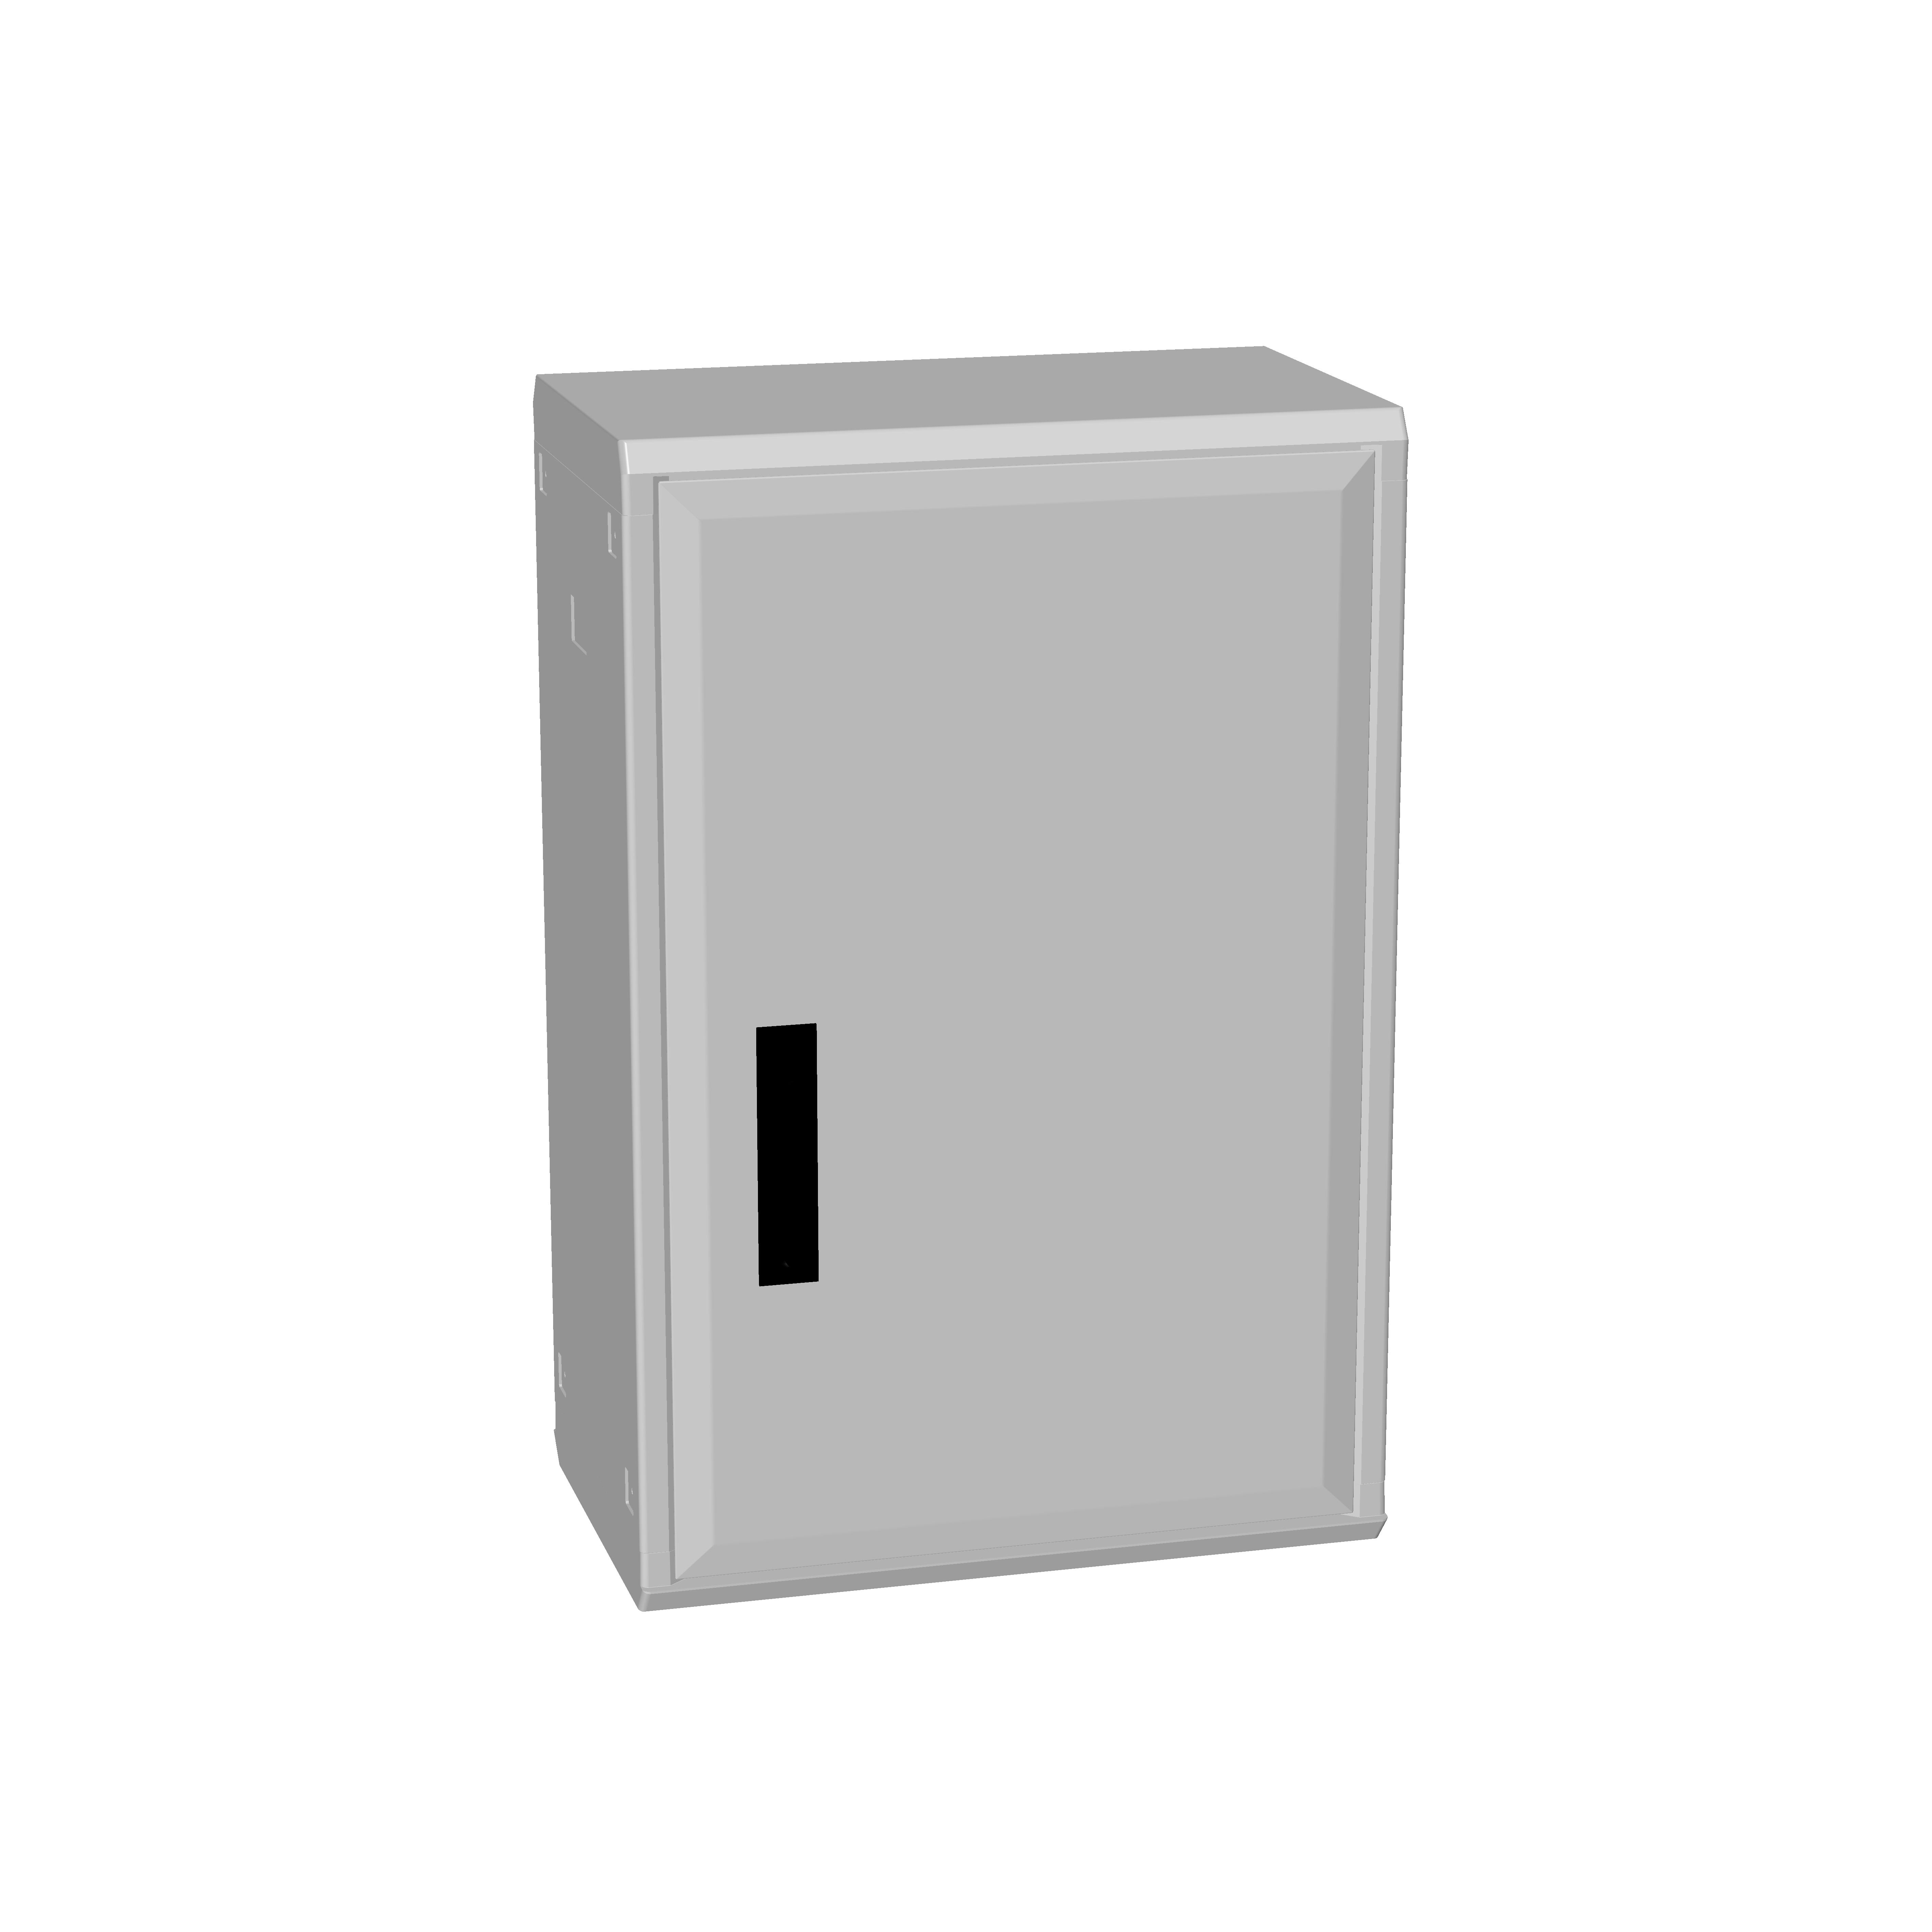 1 Stk Polyesterschrank, Boden offen, eintürig, 750x500x312 POCA3230--